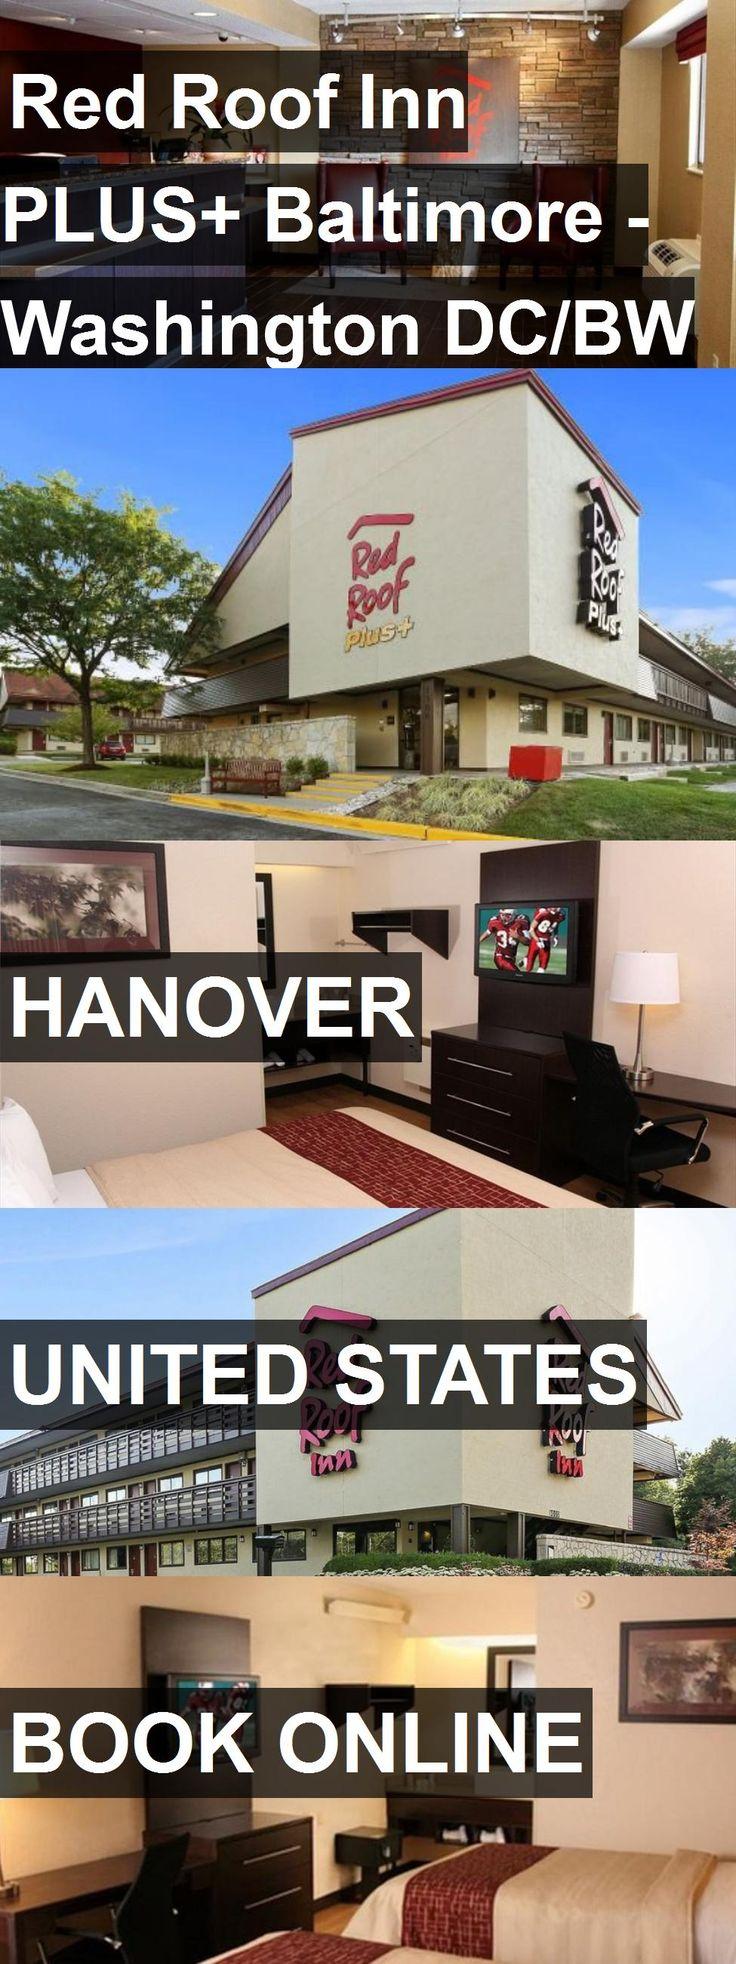 Hotel Red Roof Inn PLUS Baltimore Washington DC/BW